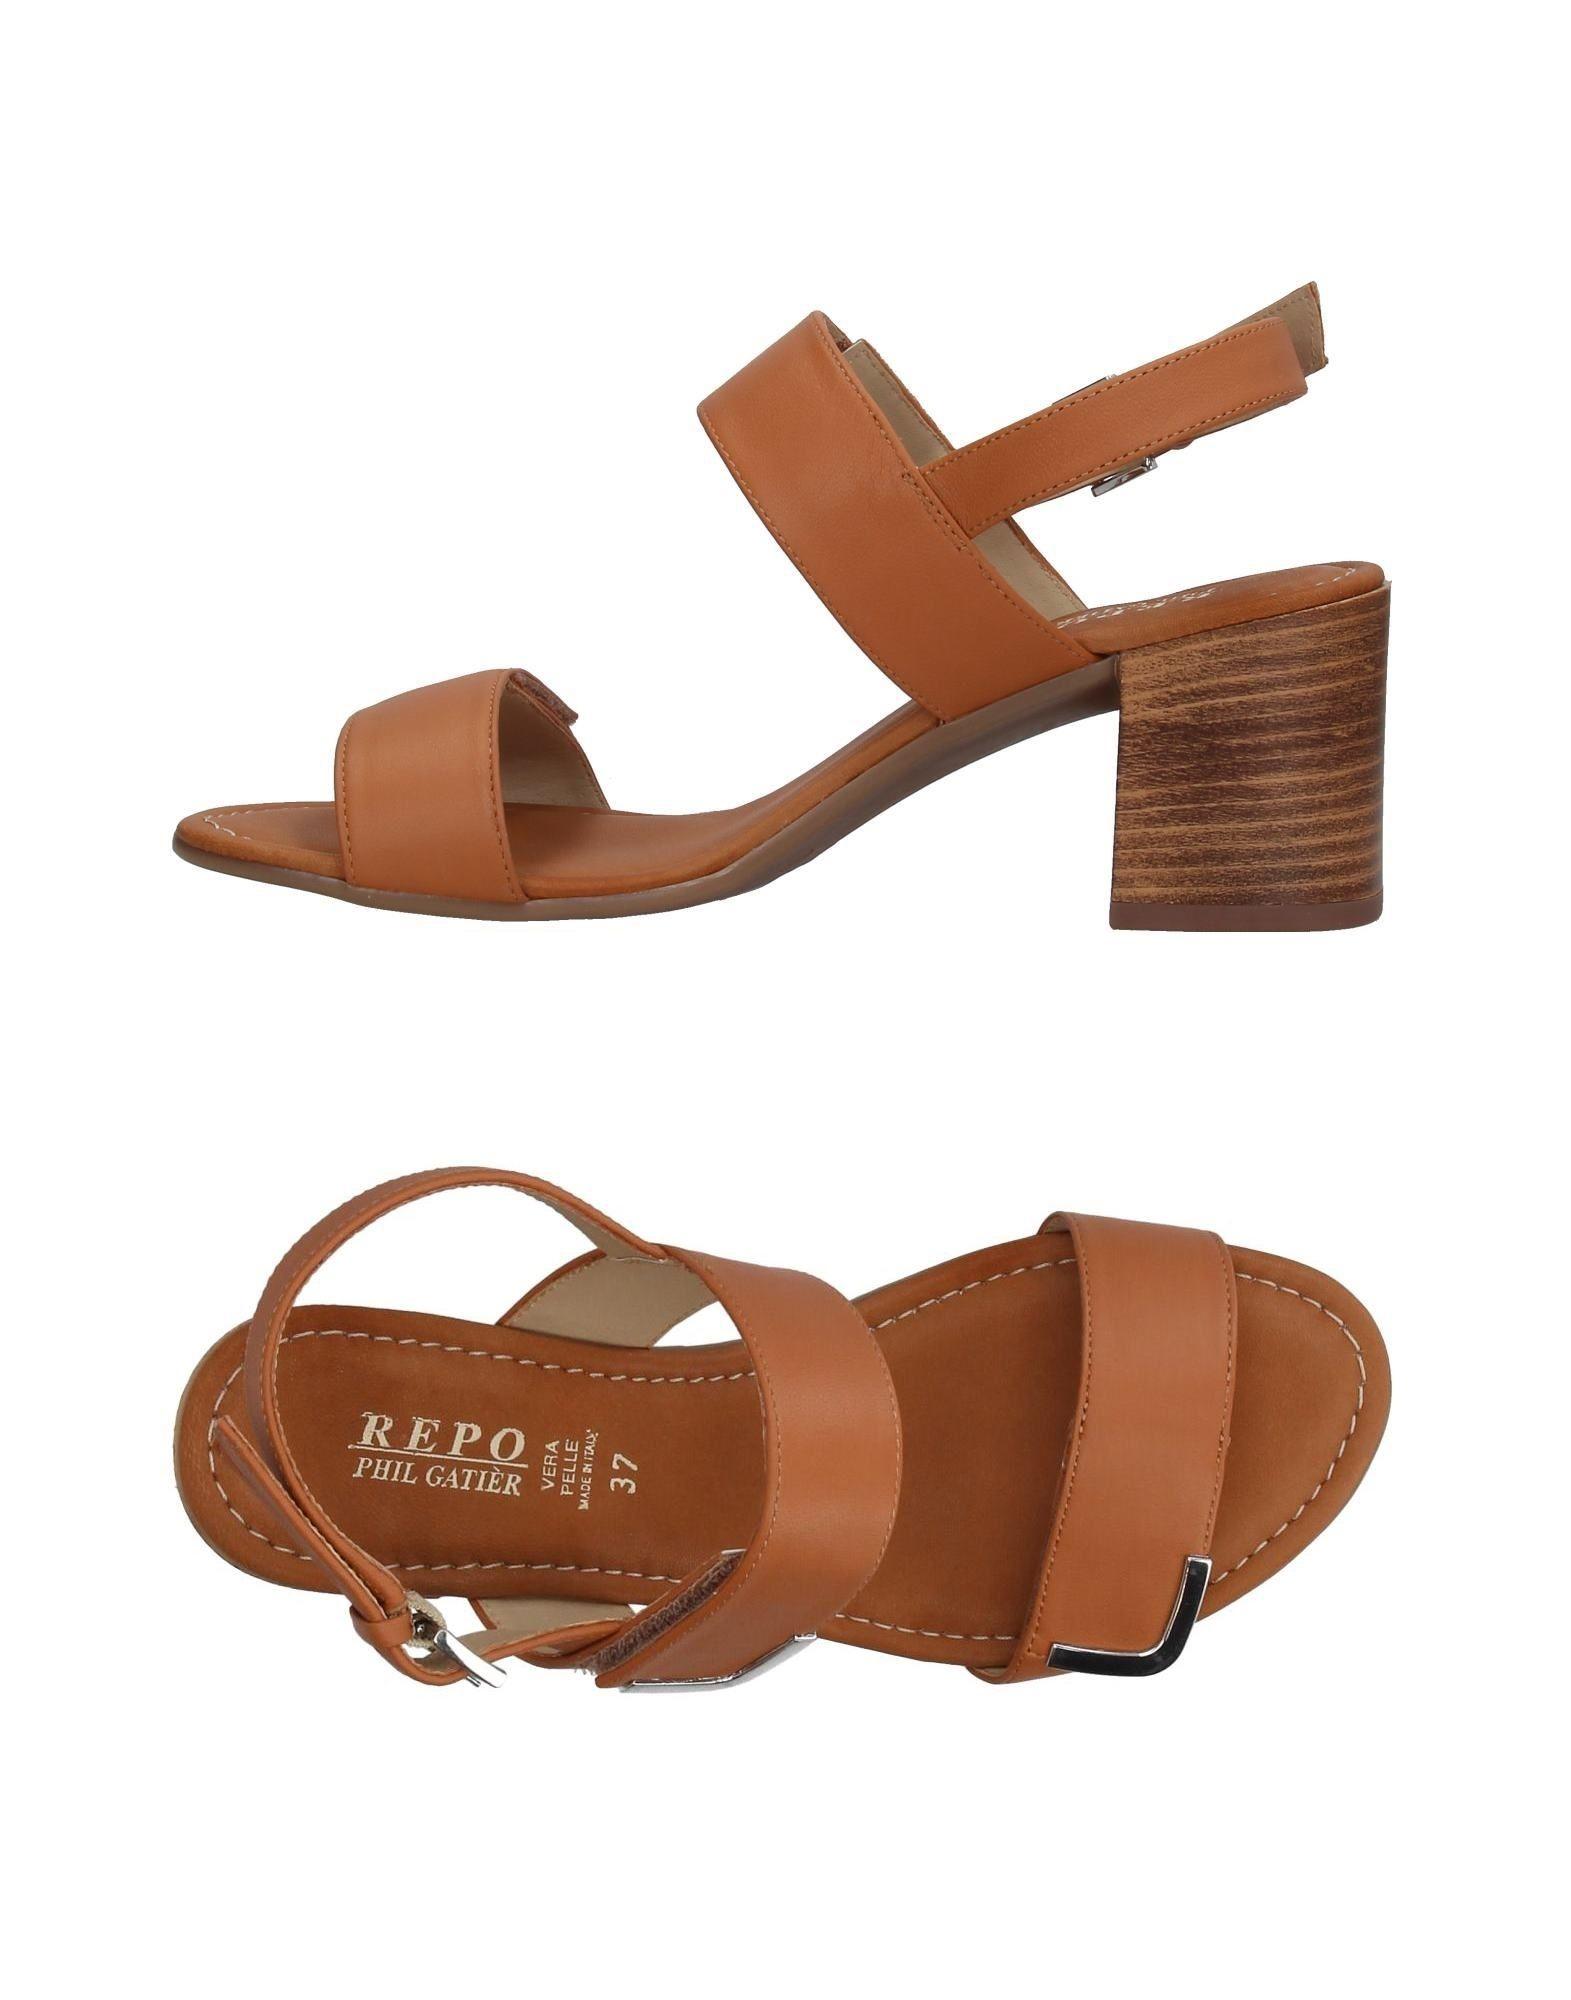 Phil Gatièr By Repo Sandalen Damen 11394998IO Gute Qualität beliebte beliebte Qualität Schuhe 7ddc94